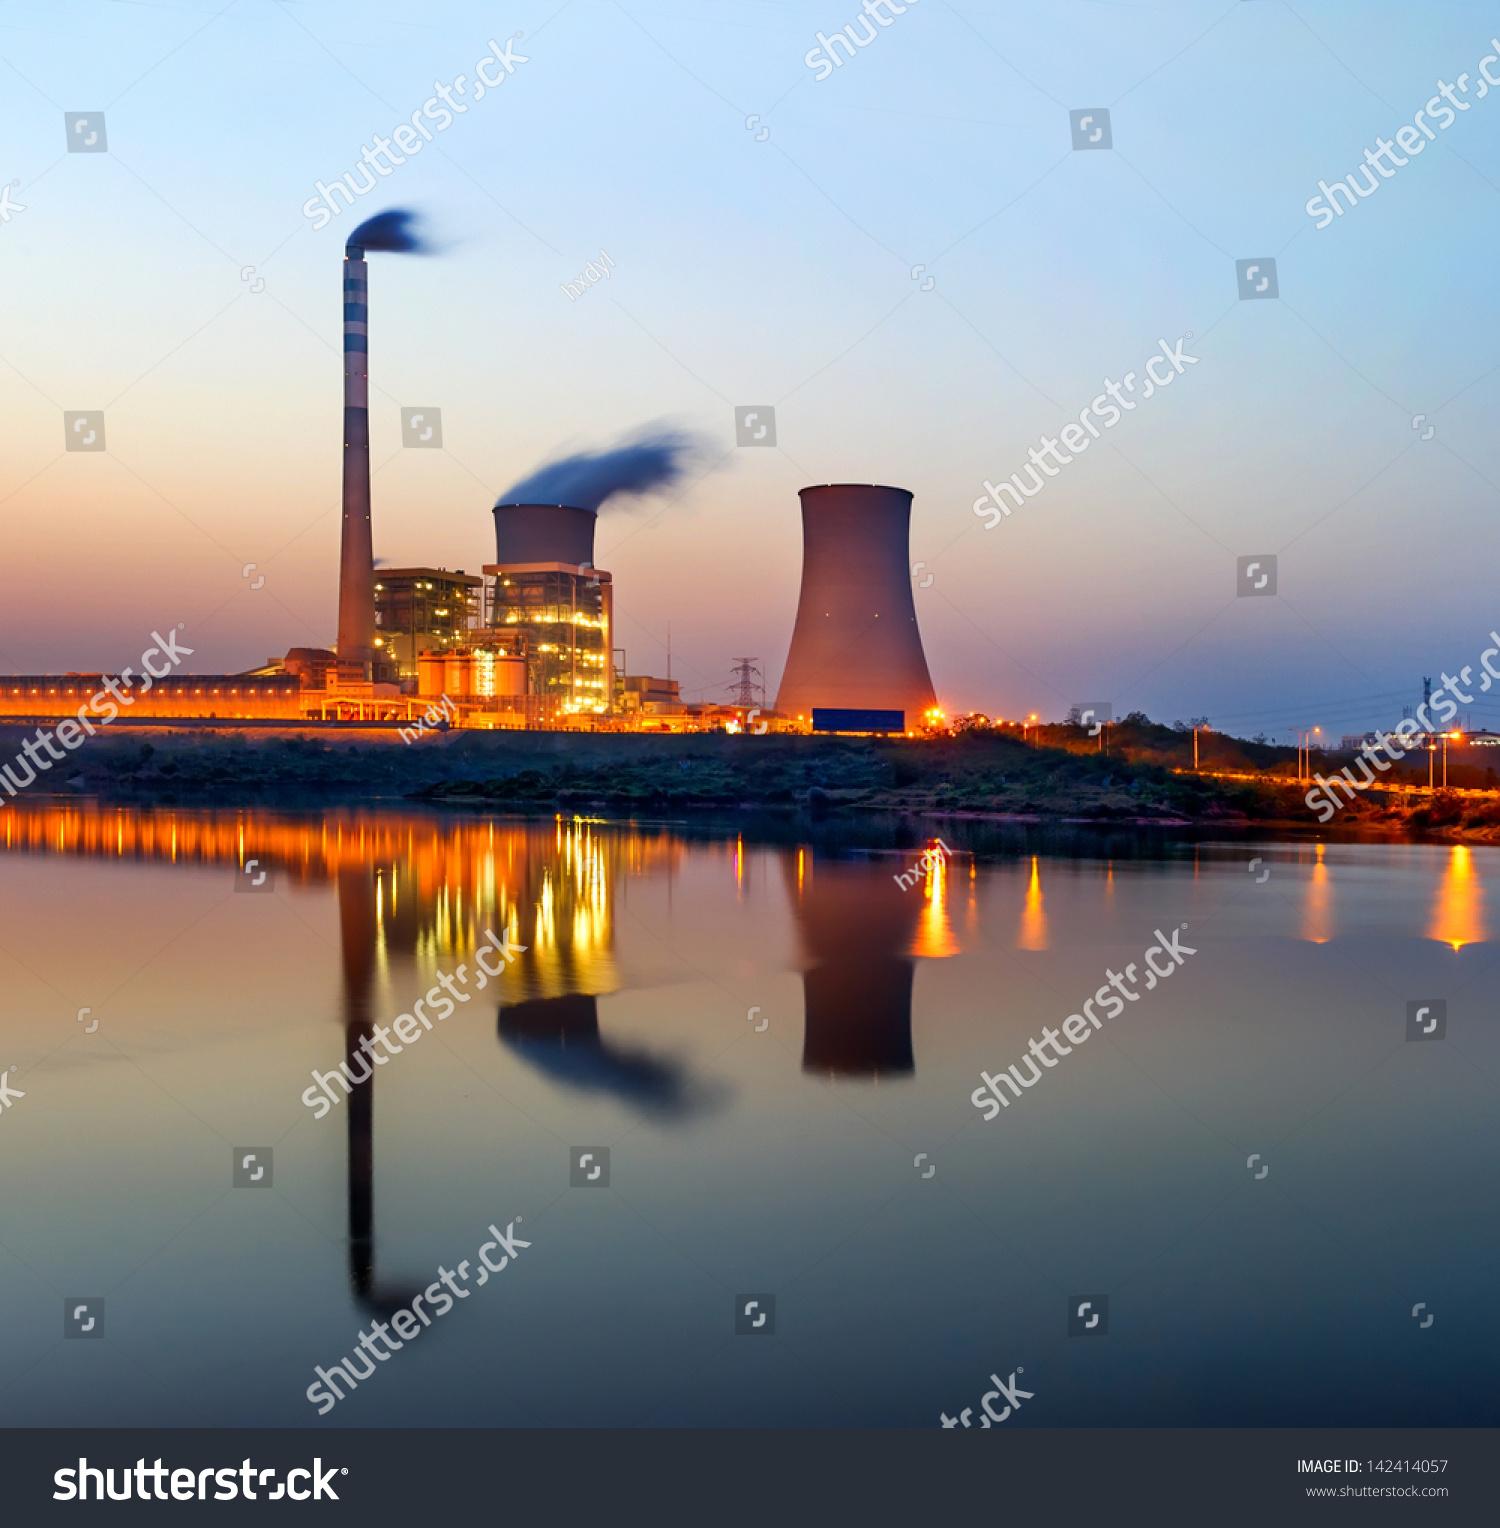 黄昏时分,火力发电厂